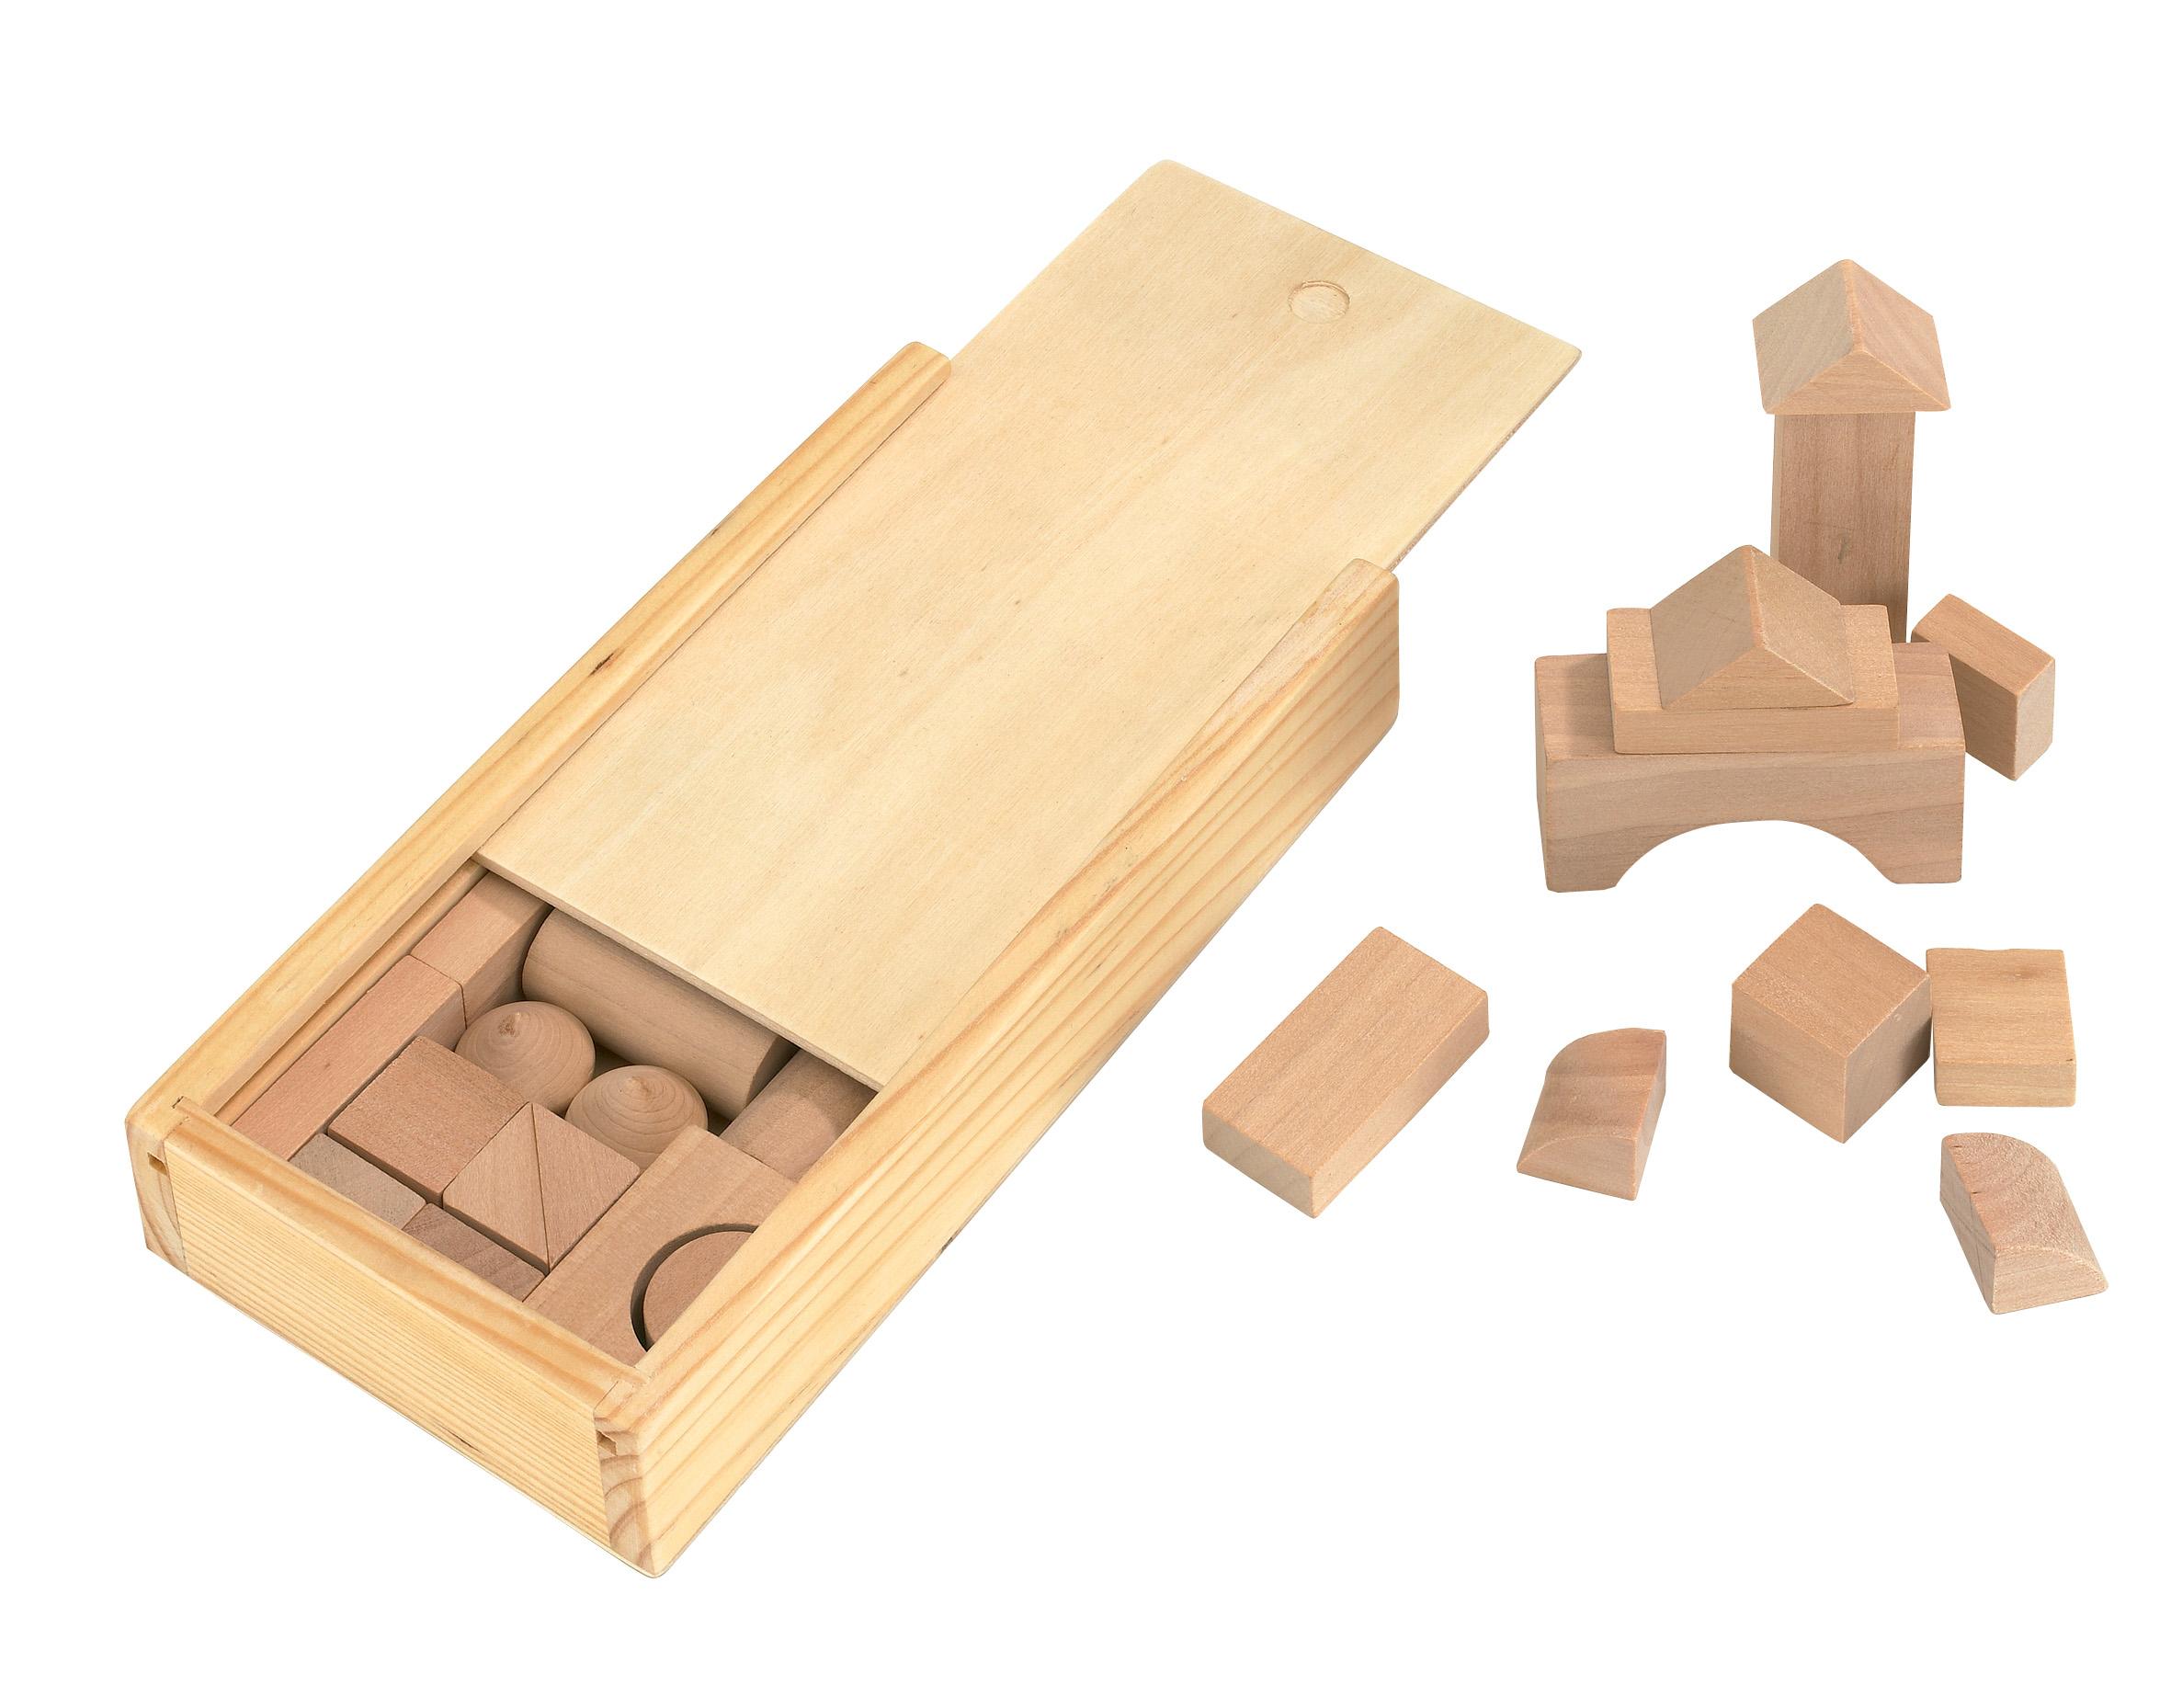 Cdo promocionales caja de construcci n for Caja bankia oficina internet